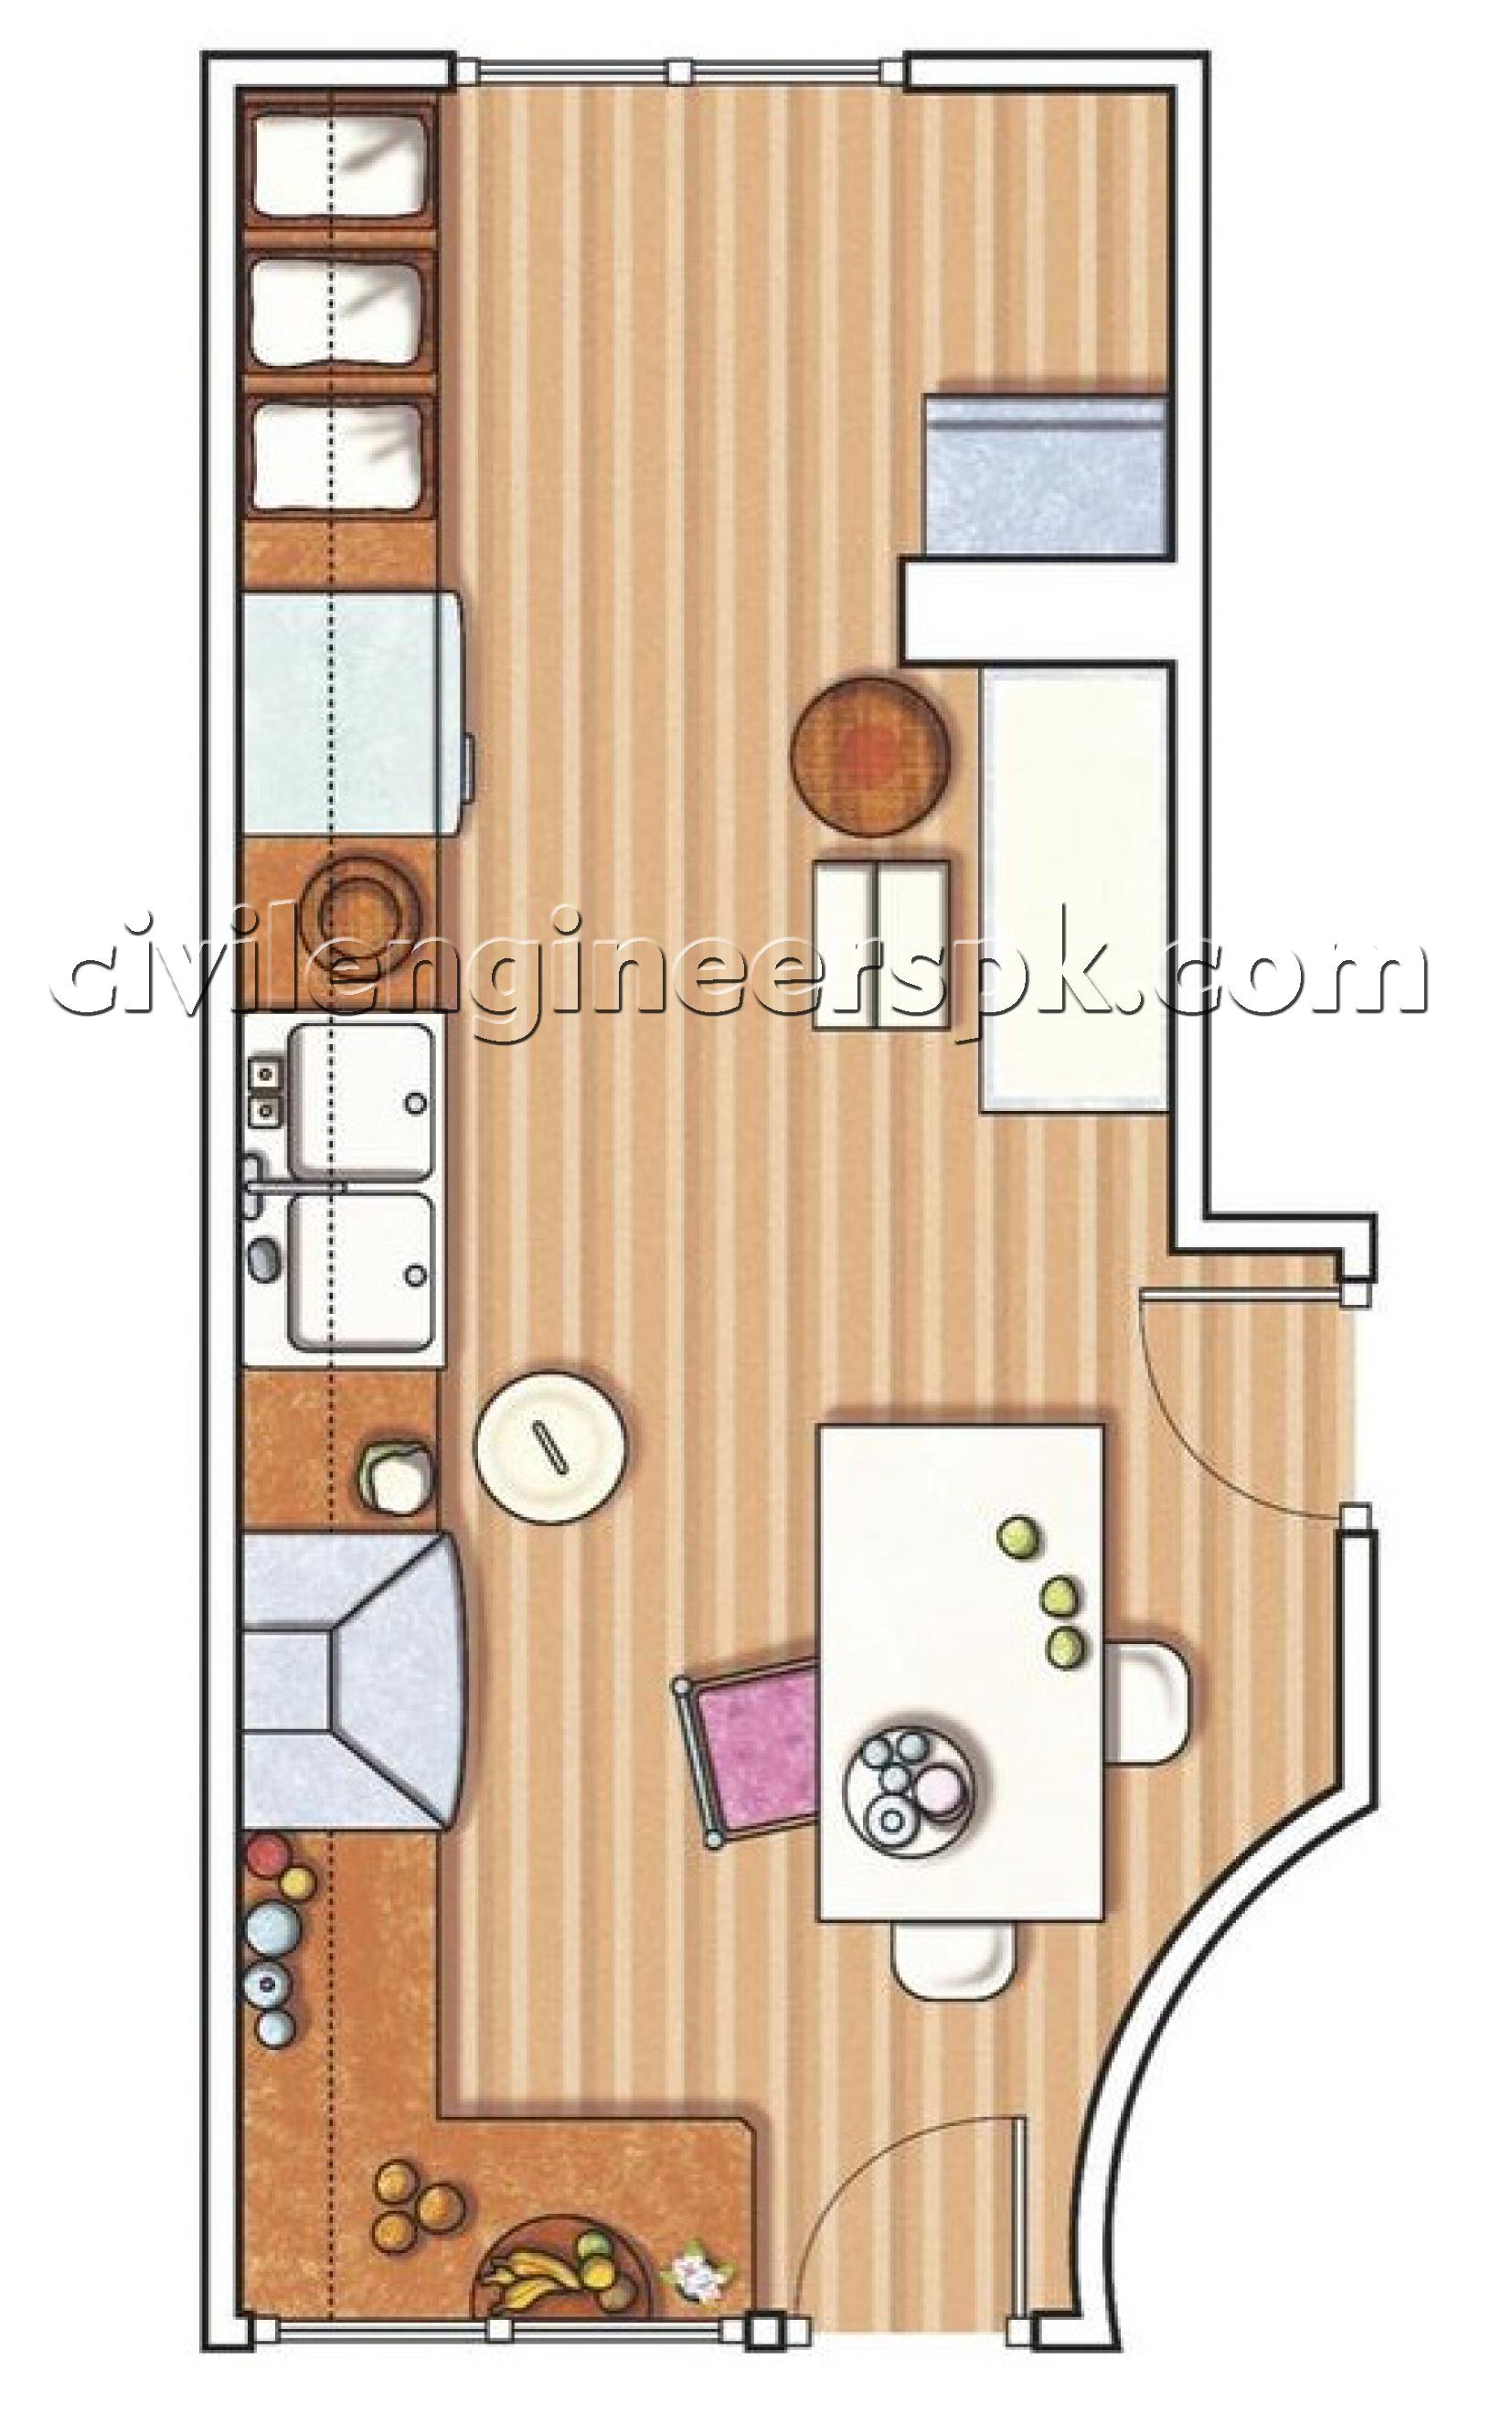 Kitchen designs 19 23 civil engineers pk for Civil kitchen designs